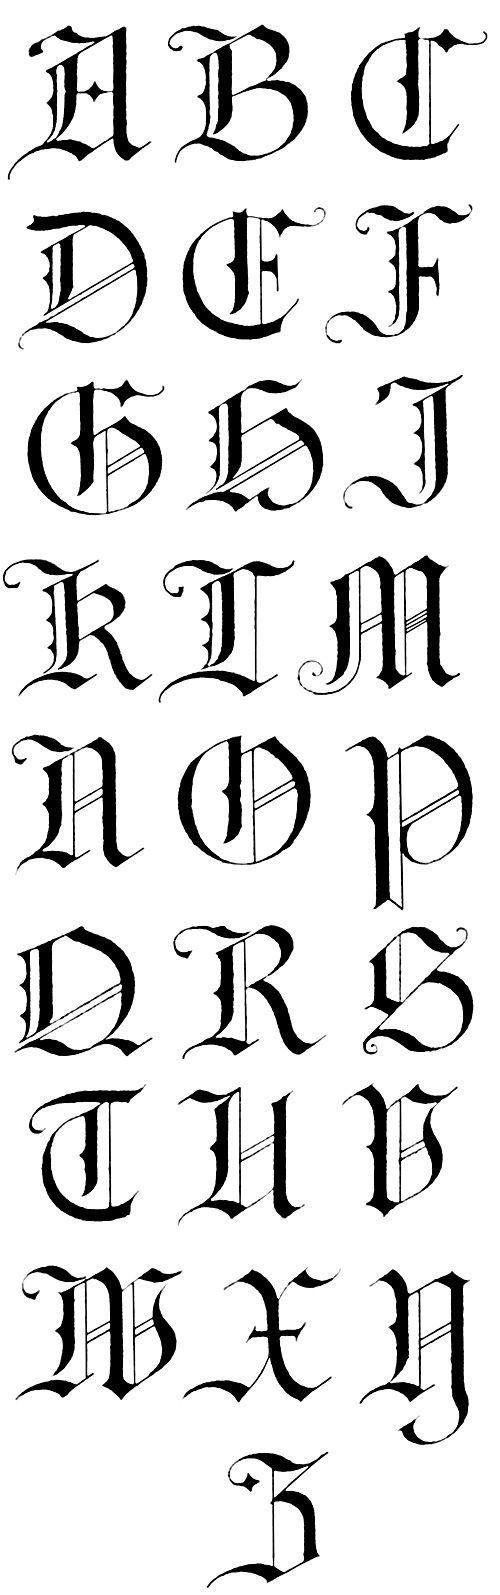 german gothic calligraphy alphabet - Buscar con Google